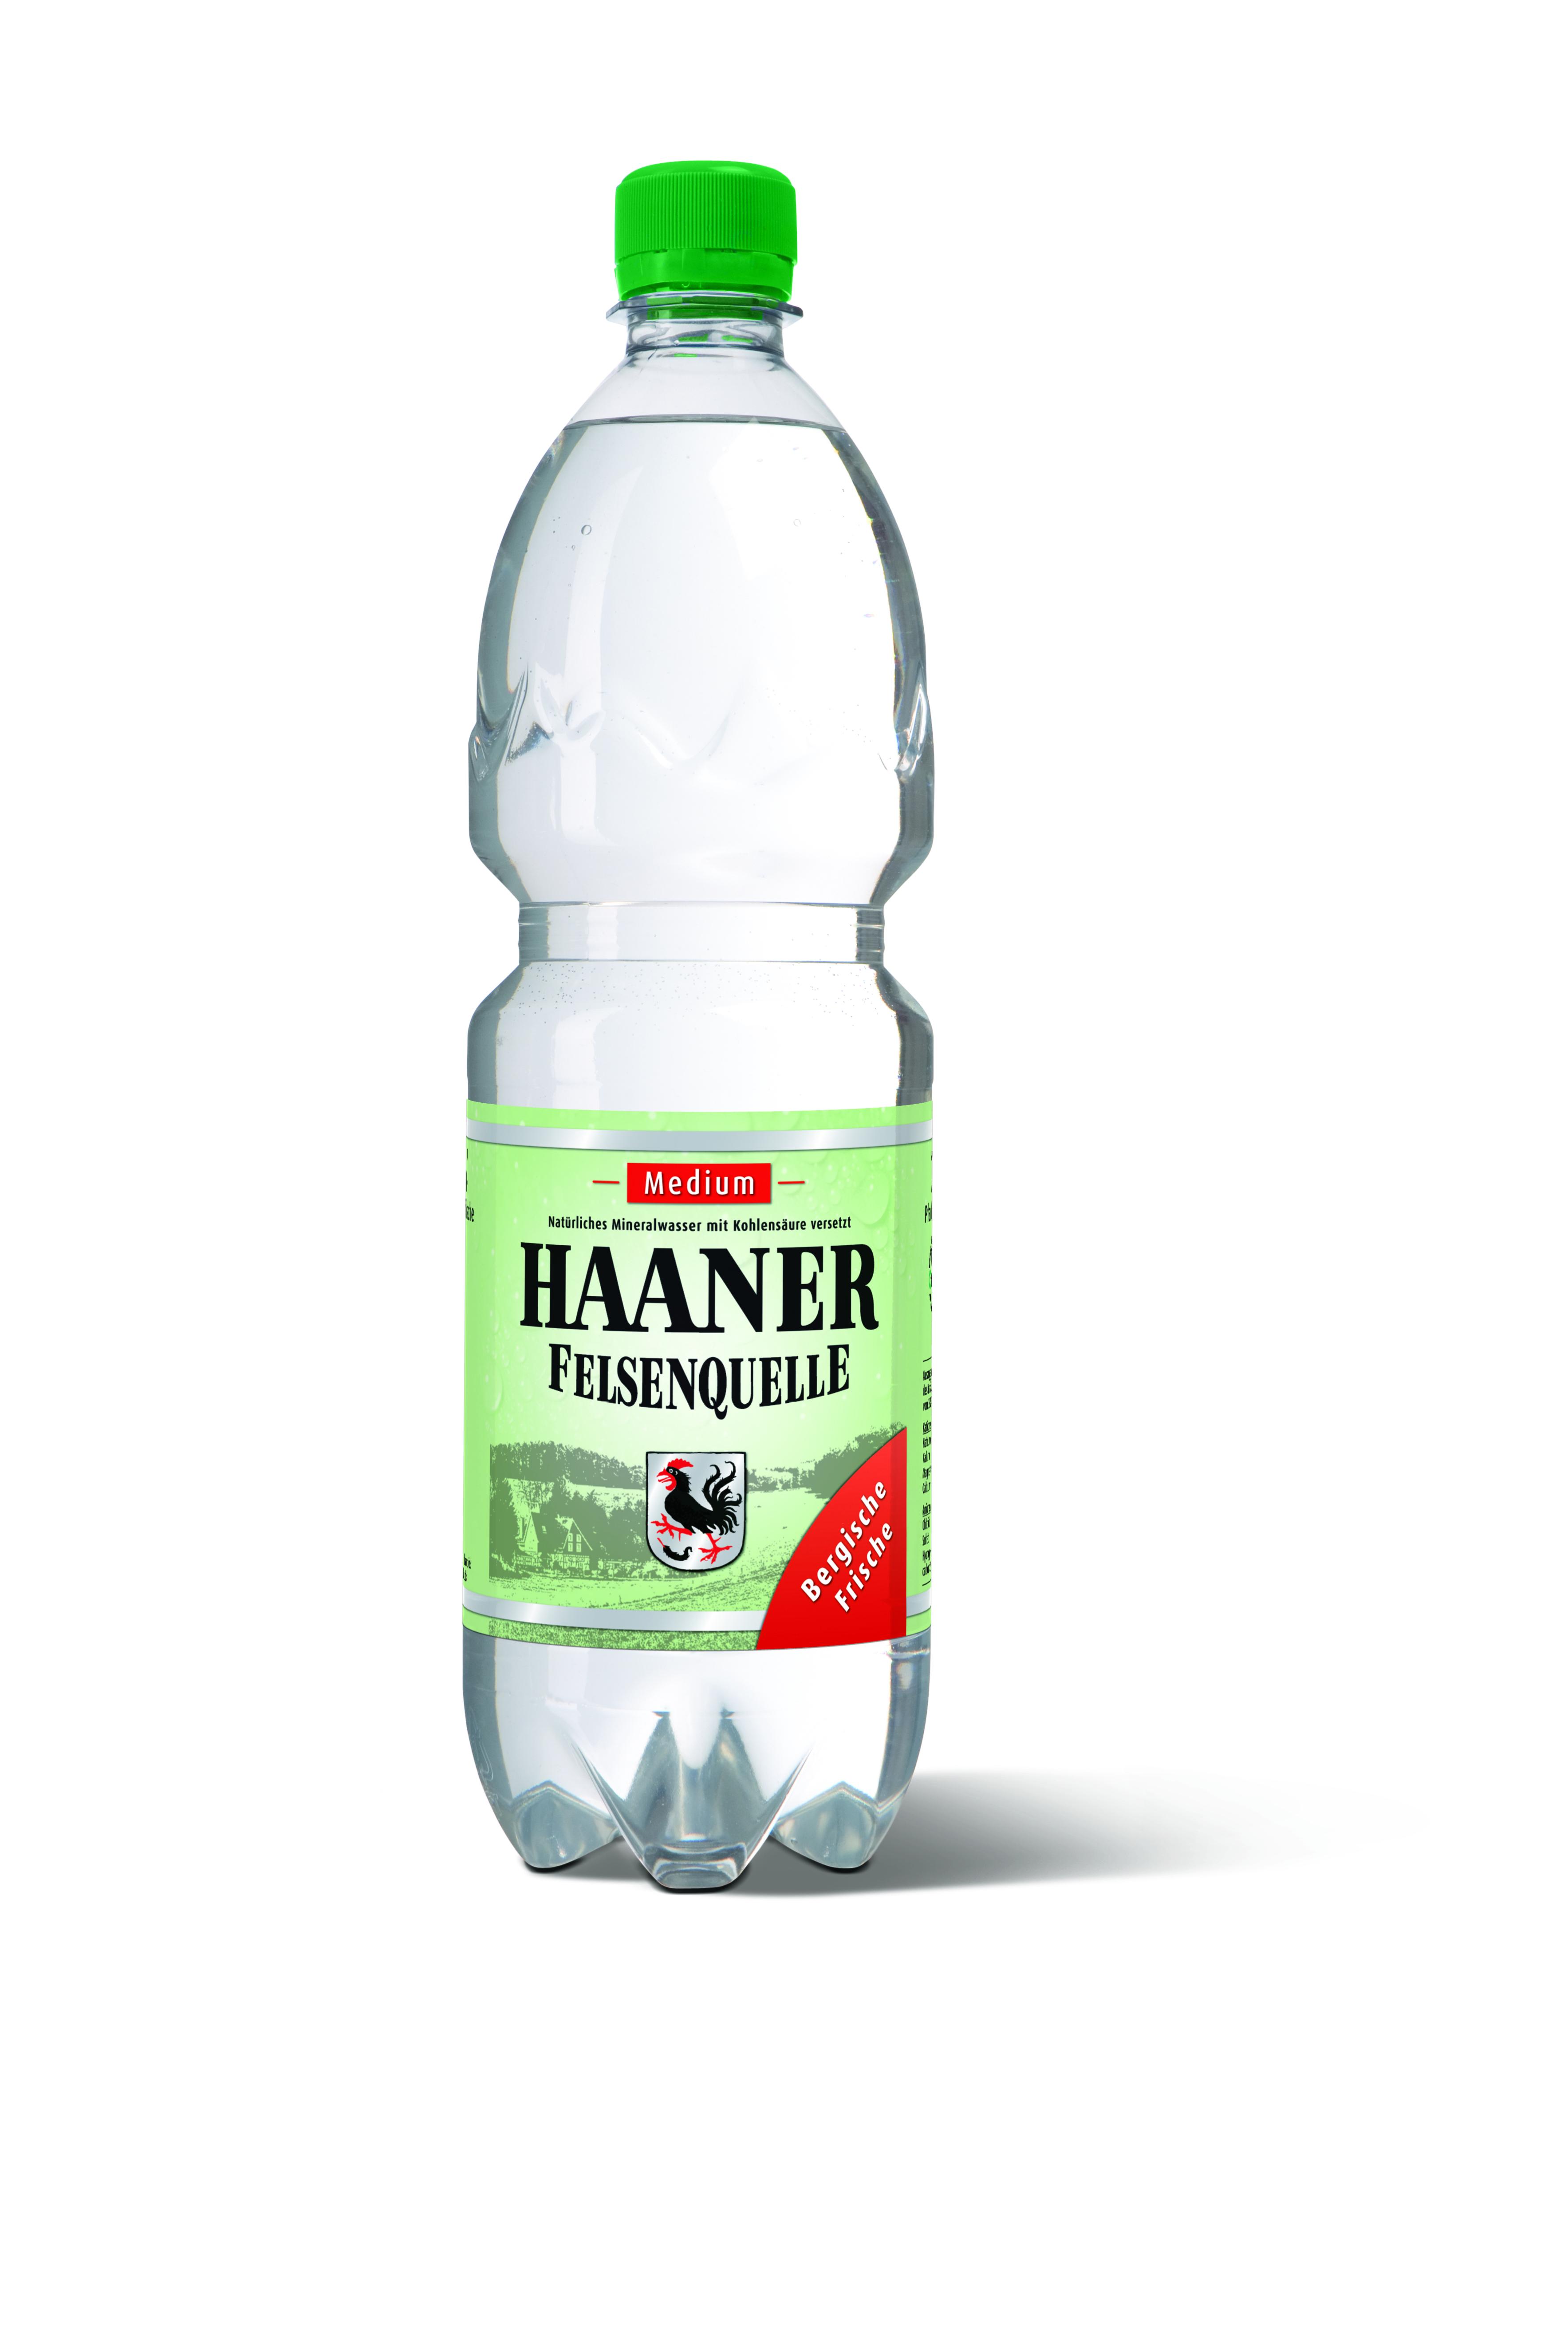 Haaner Image